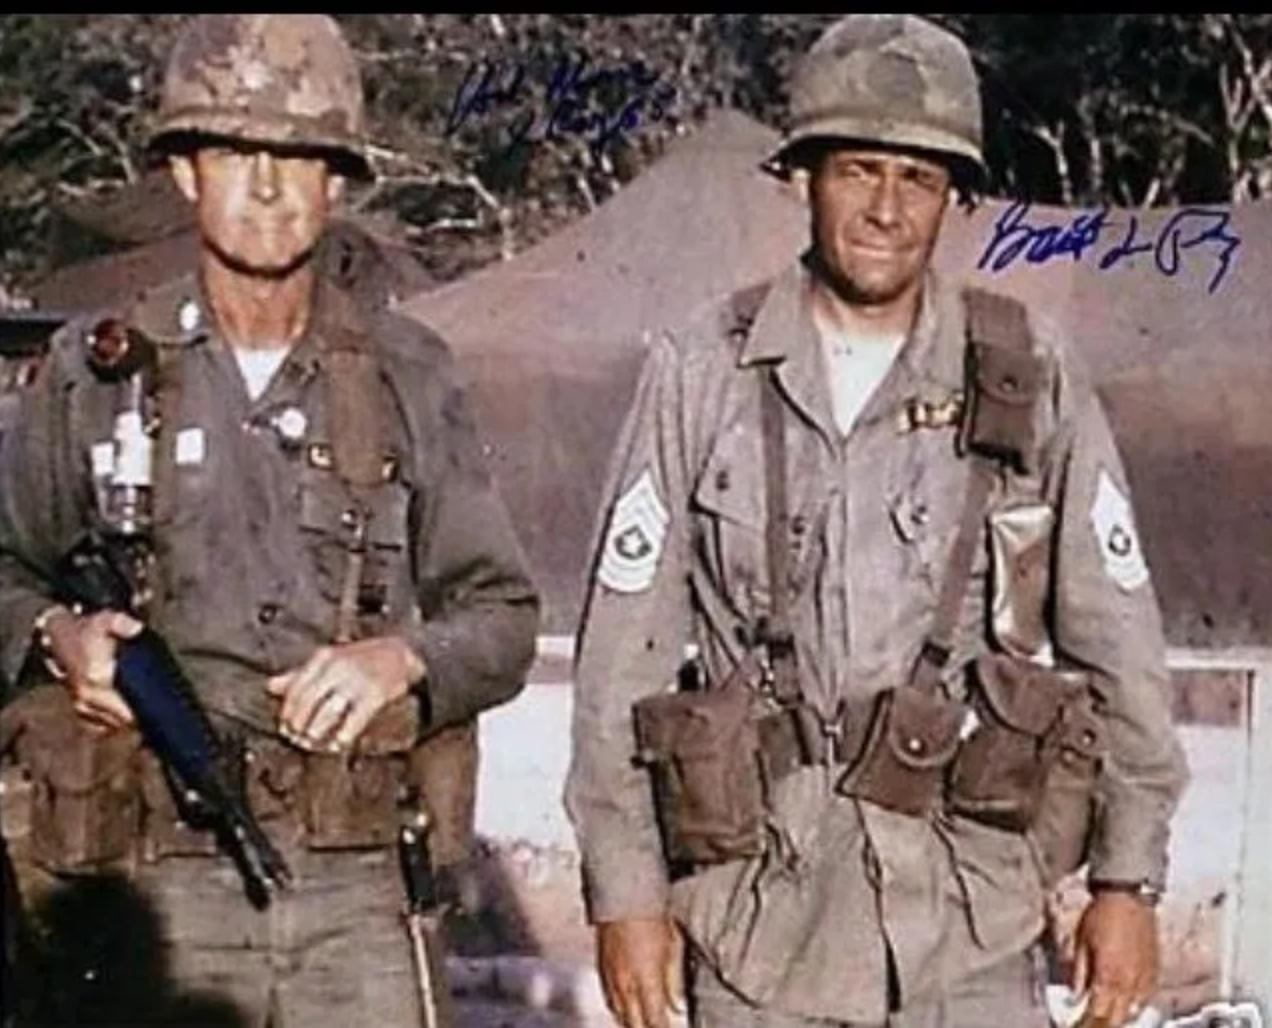 A sinistra il colonnello Hal Moore, affiancato dal sergente maggiore Plumley